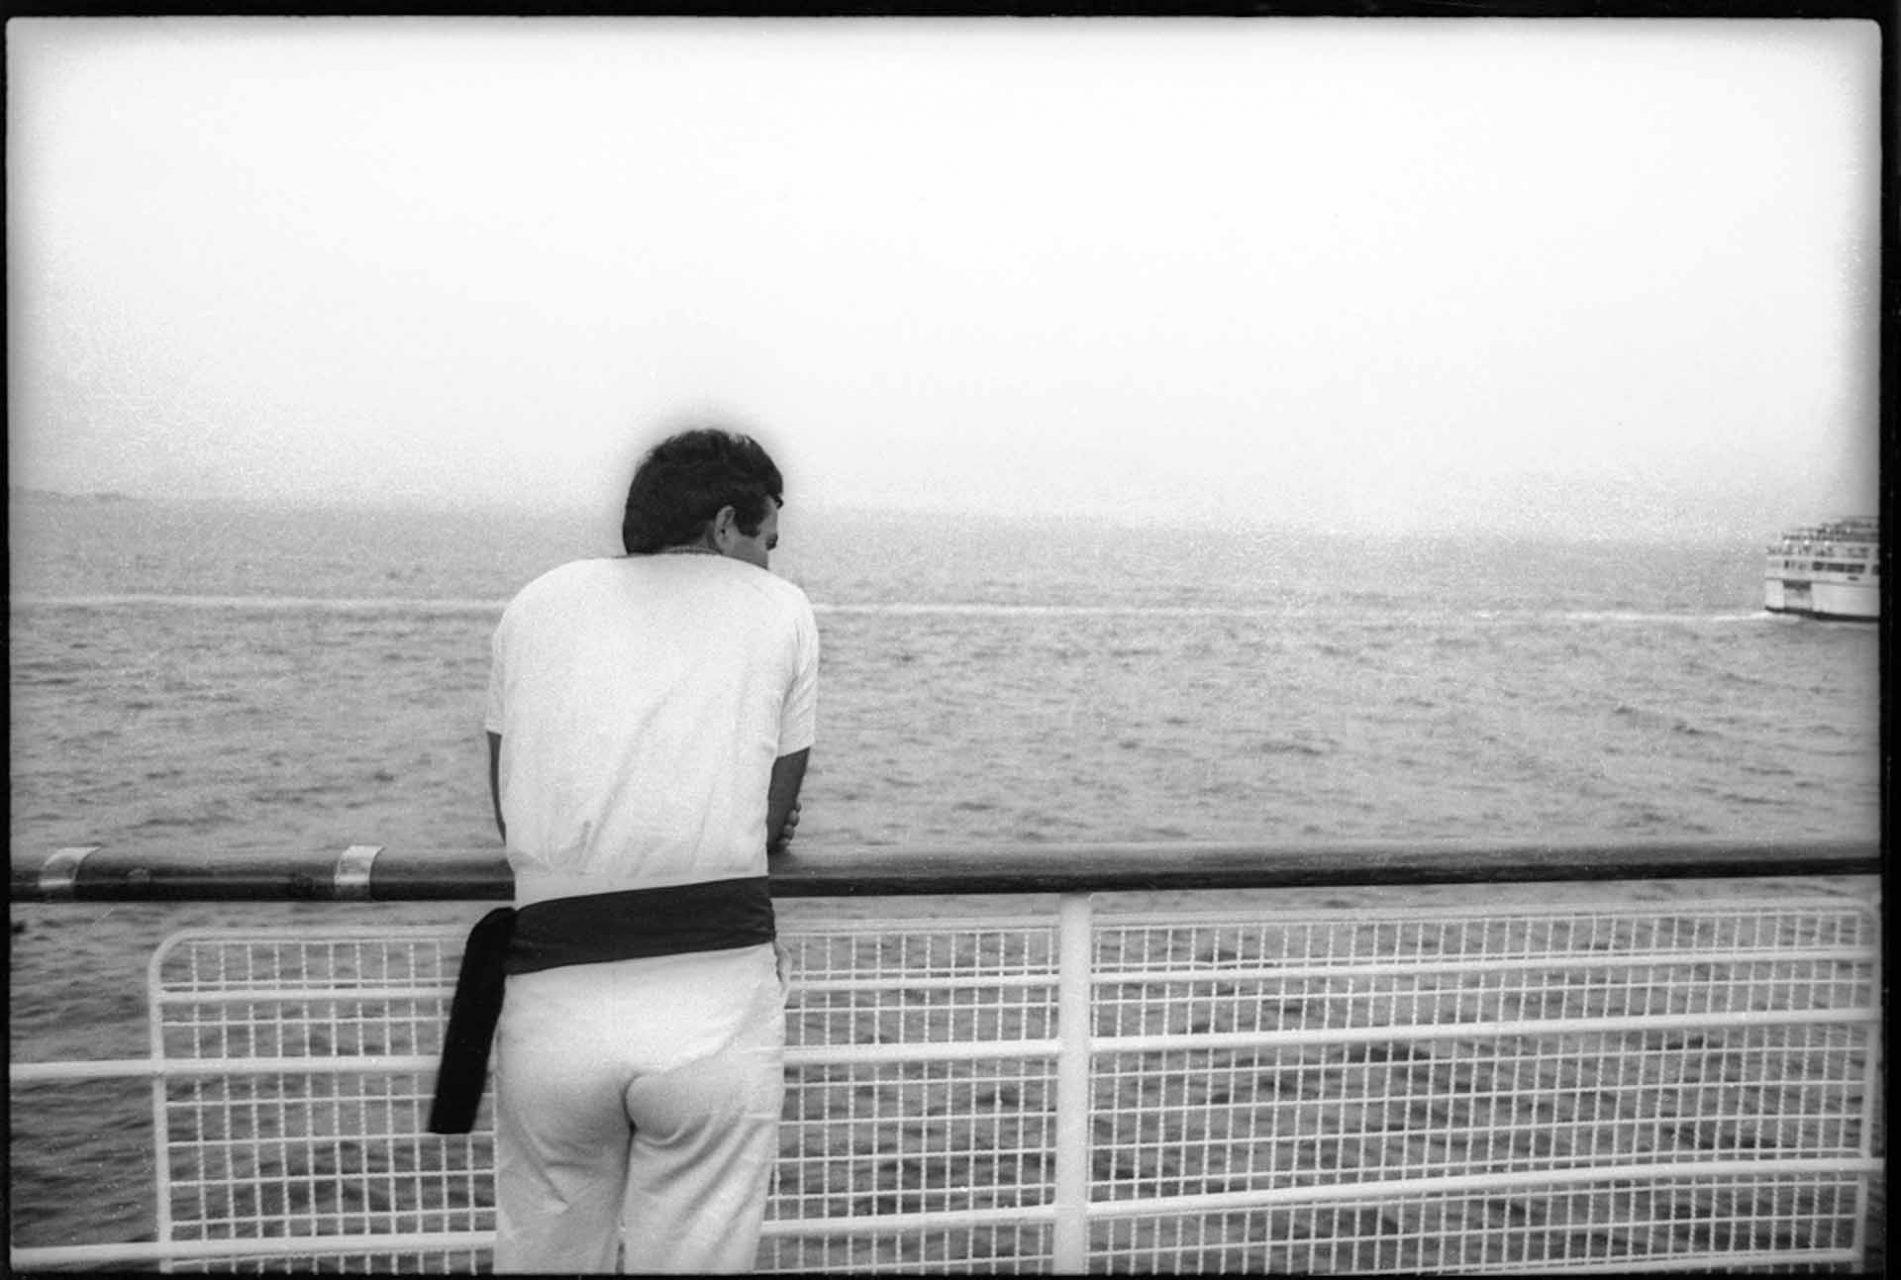 Moment der Ruhe: Seemann auf der Ionion, beim Auslaufen nach Kreta